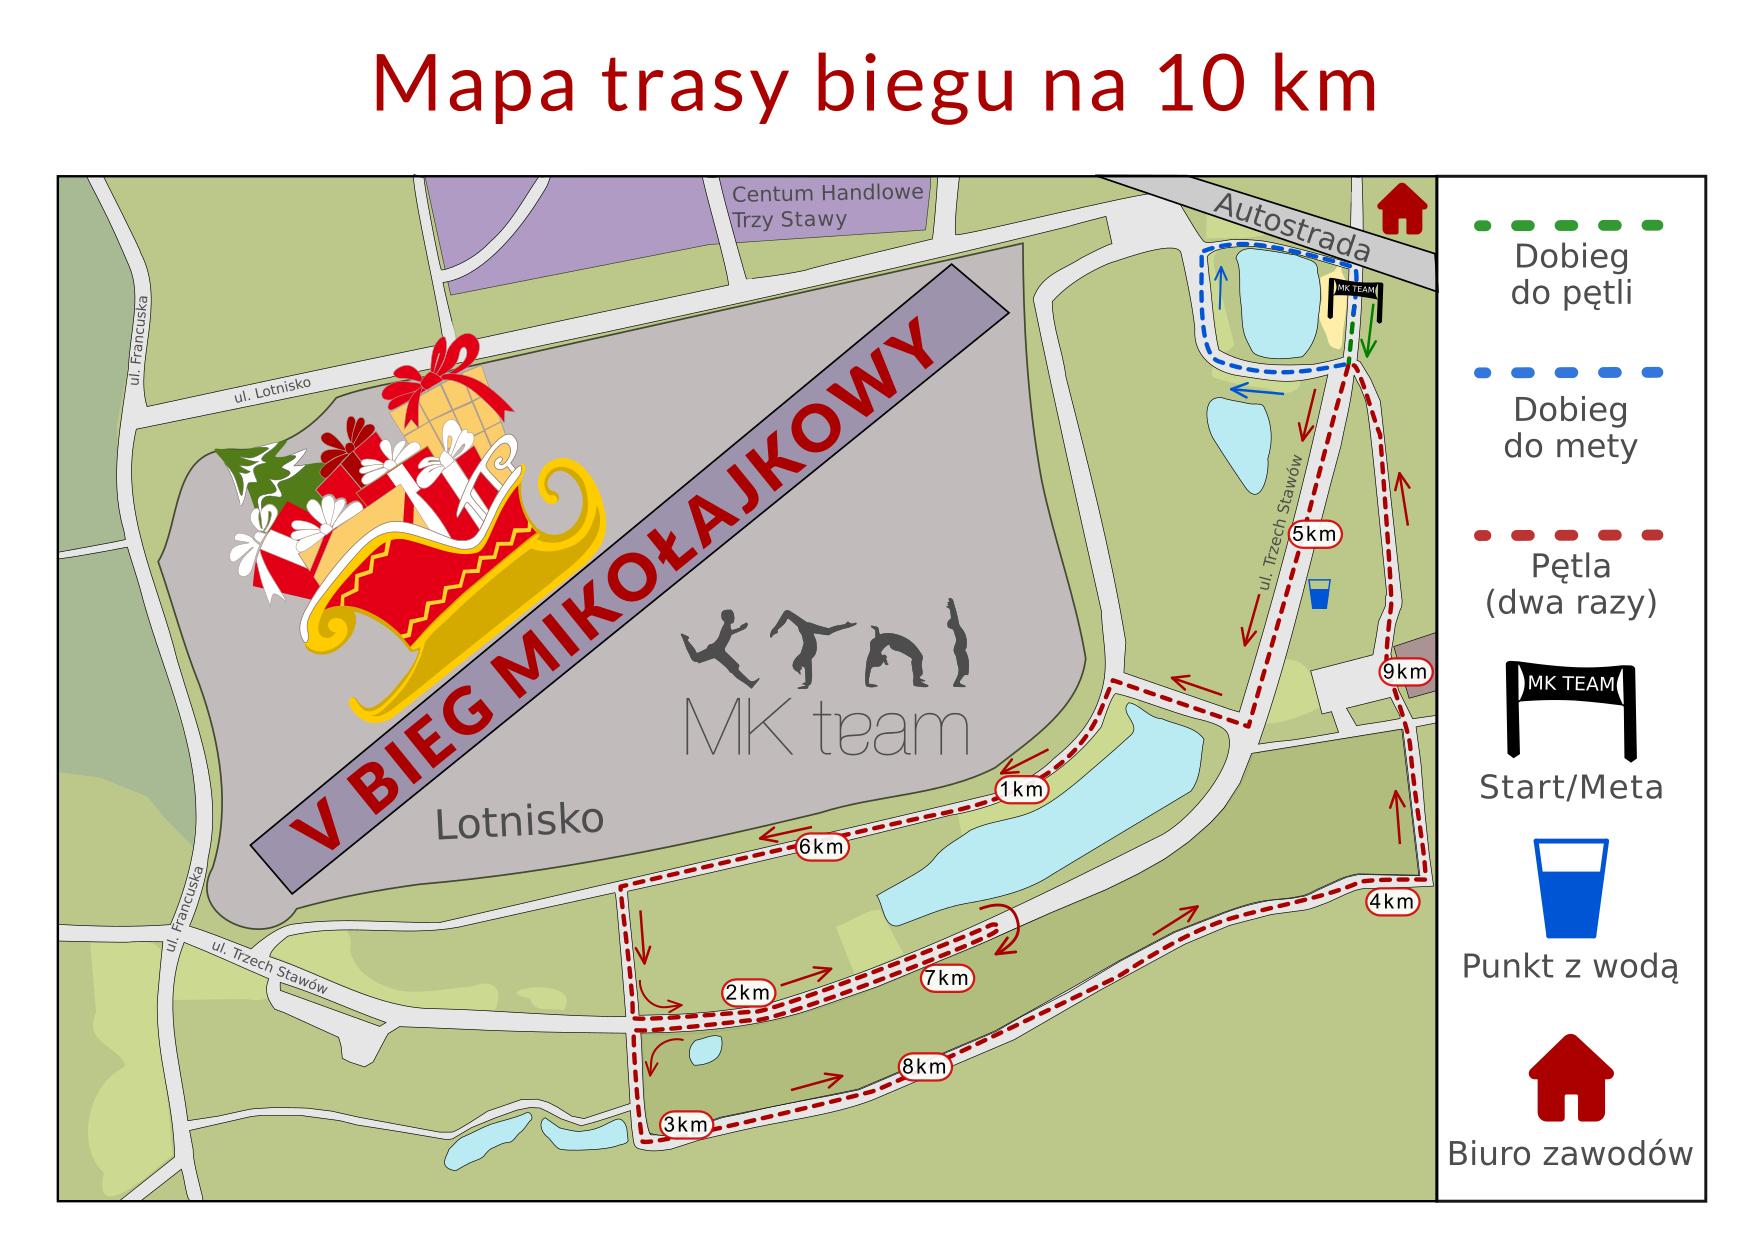 Mapa 10 km